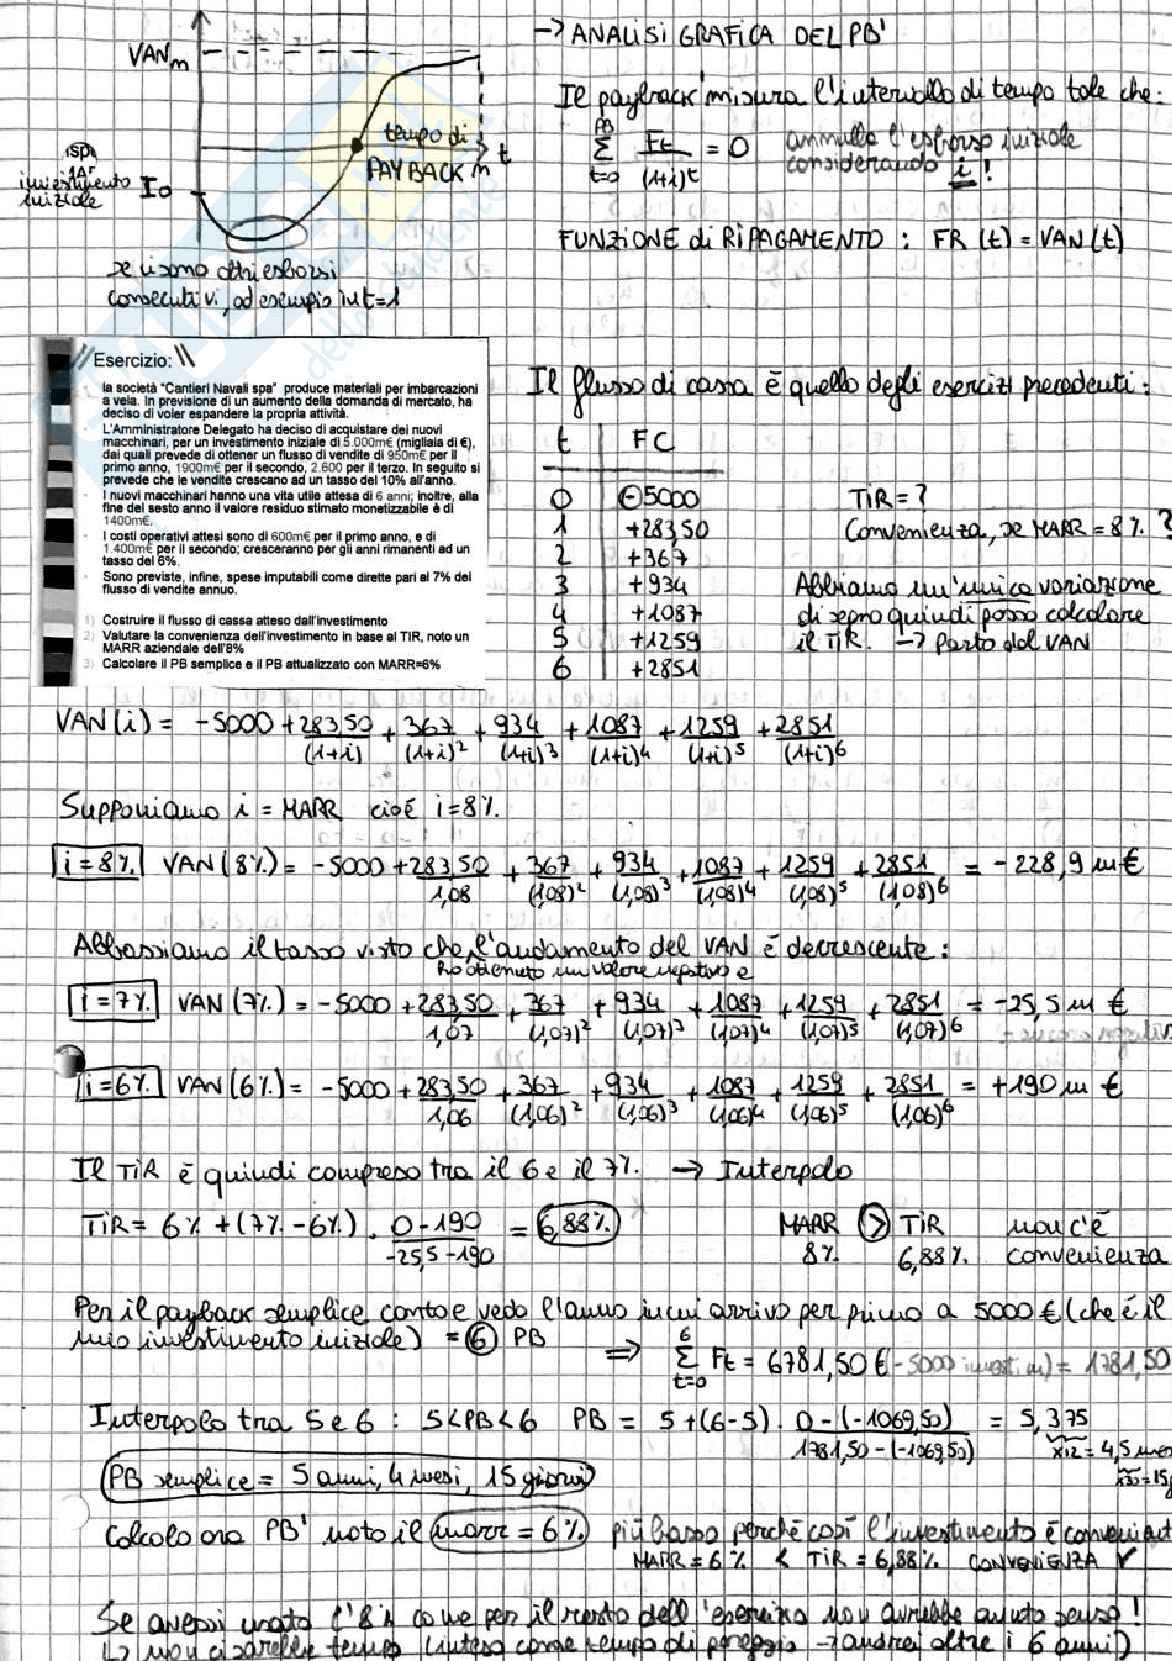 Appunti di Economia Aziendale Applicata - II semestre (Economia Applicata all'Ingegneria) Pag. 21